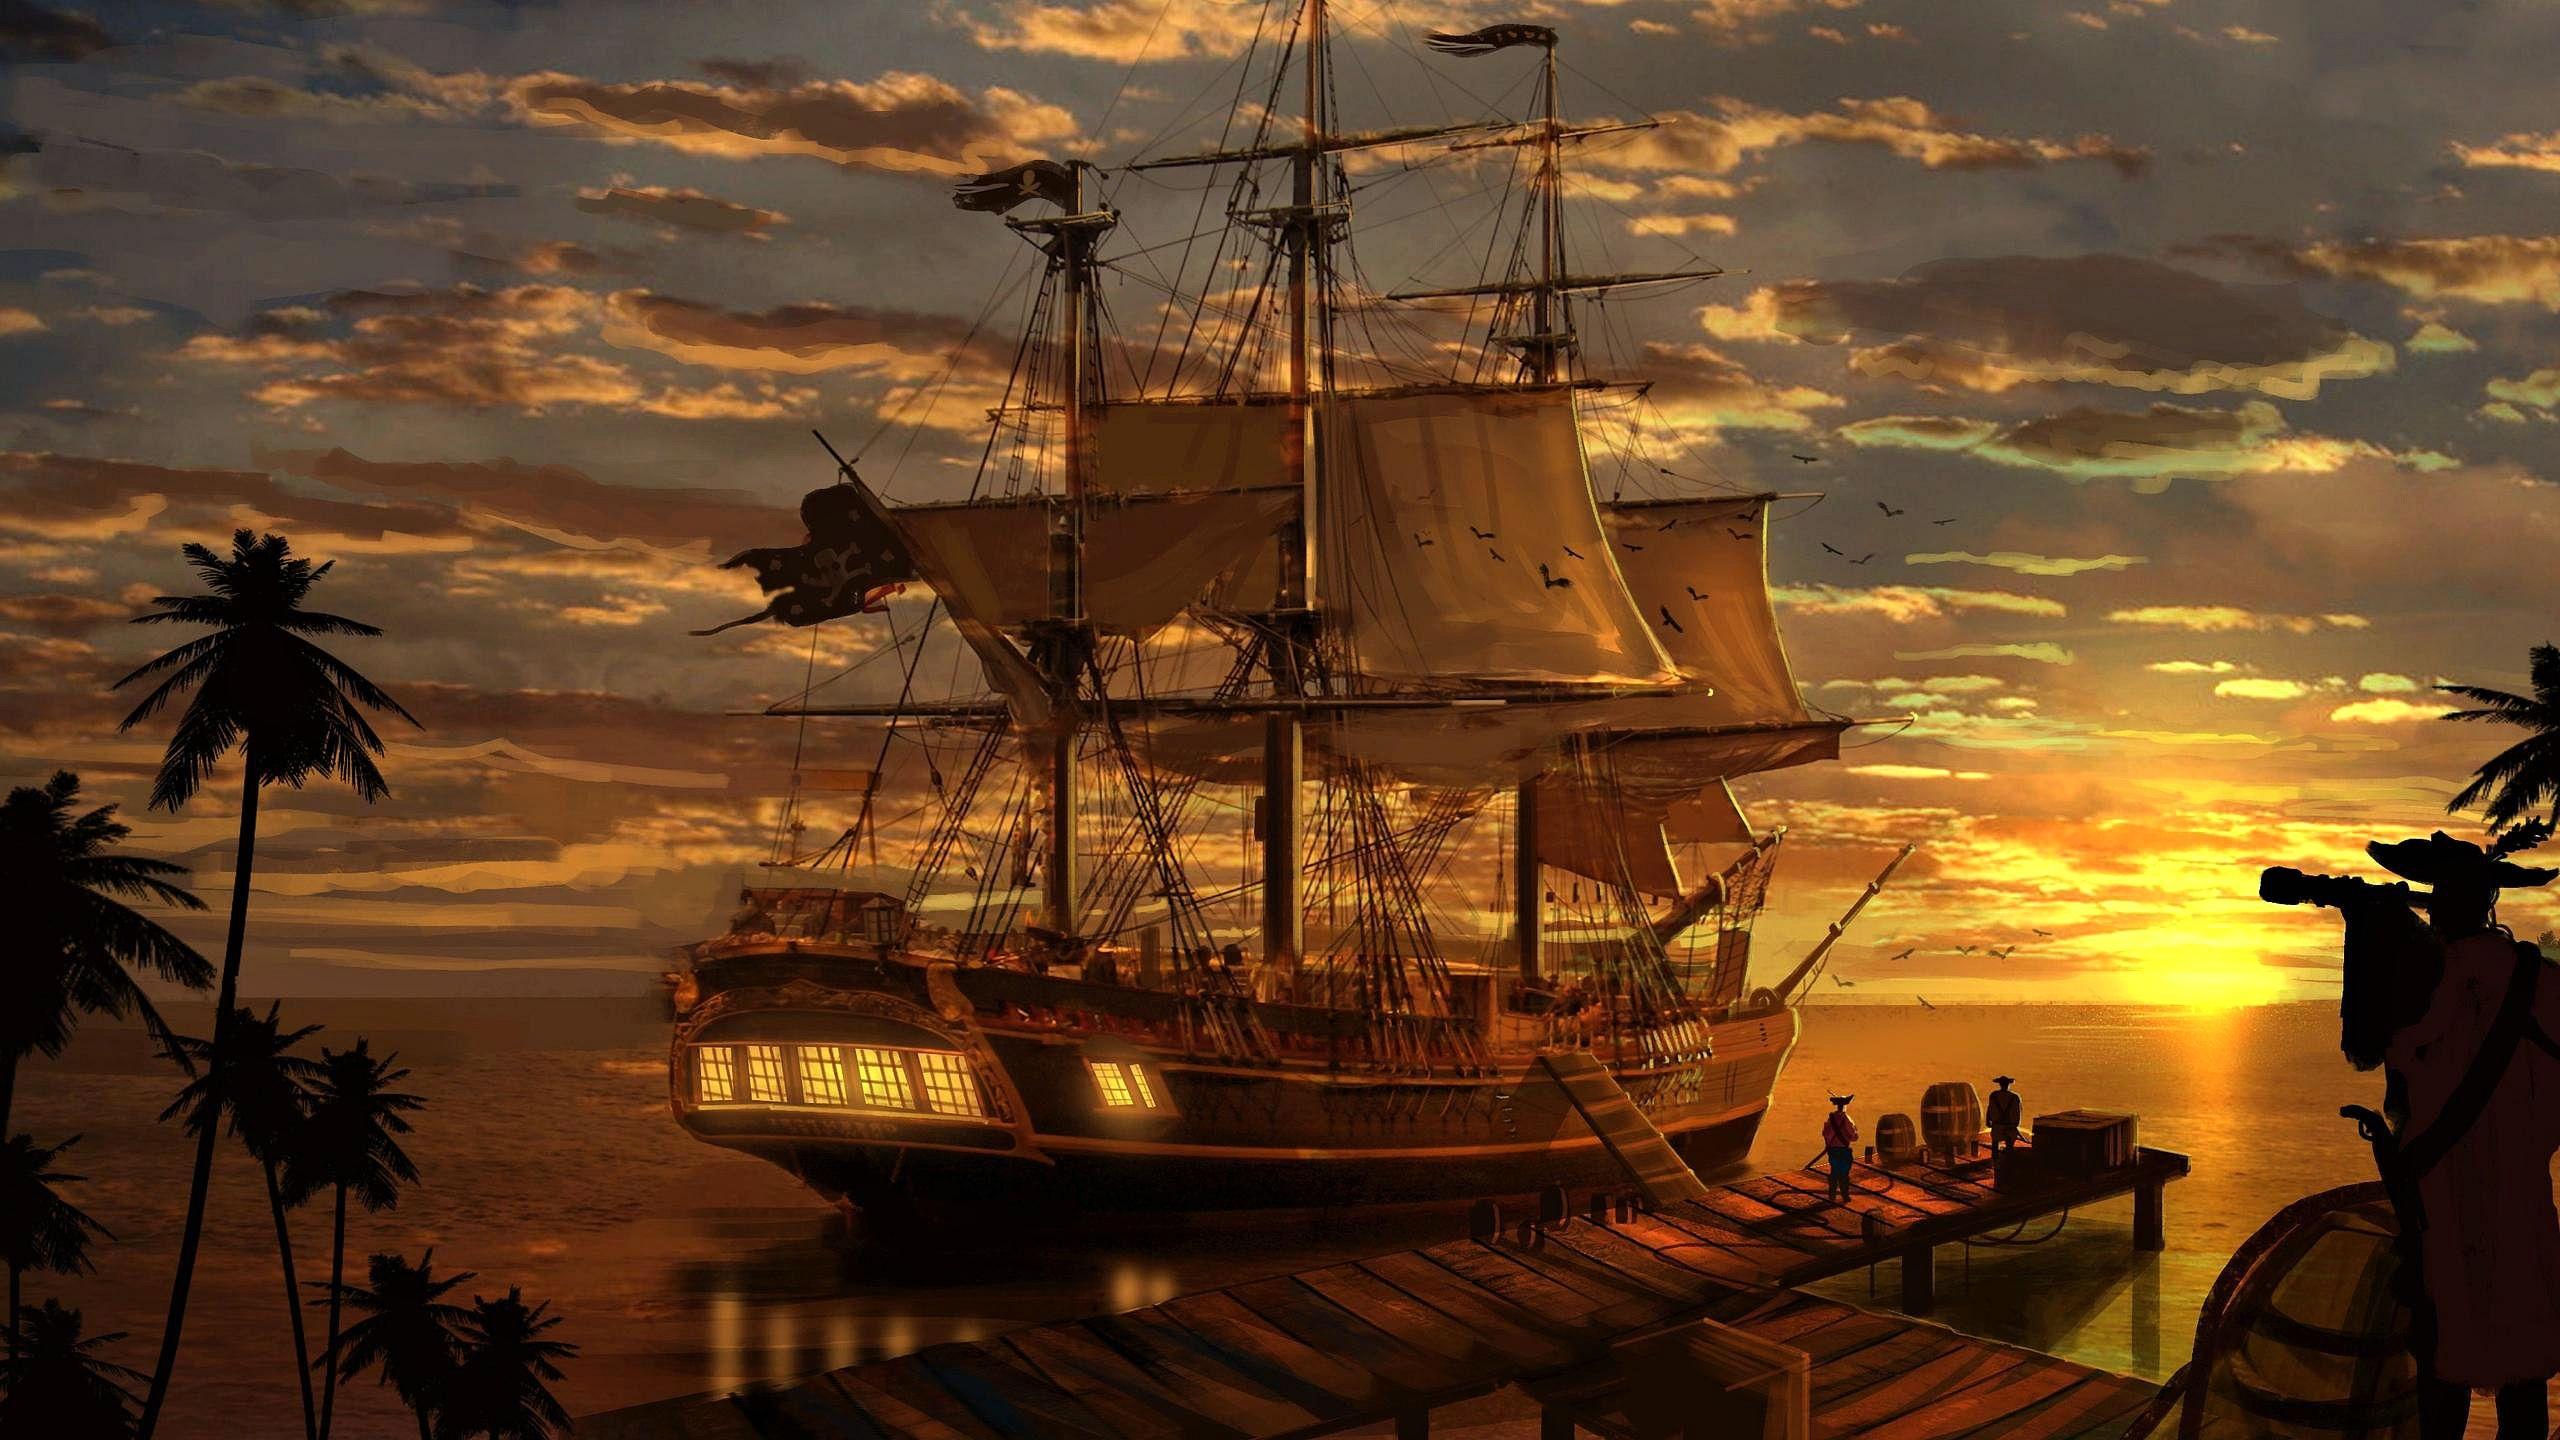 Корабль парусник обои на рабочий стол